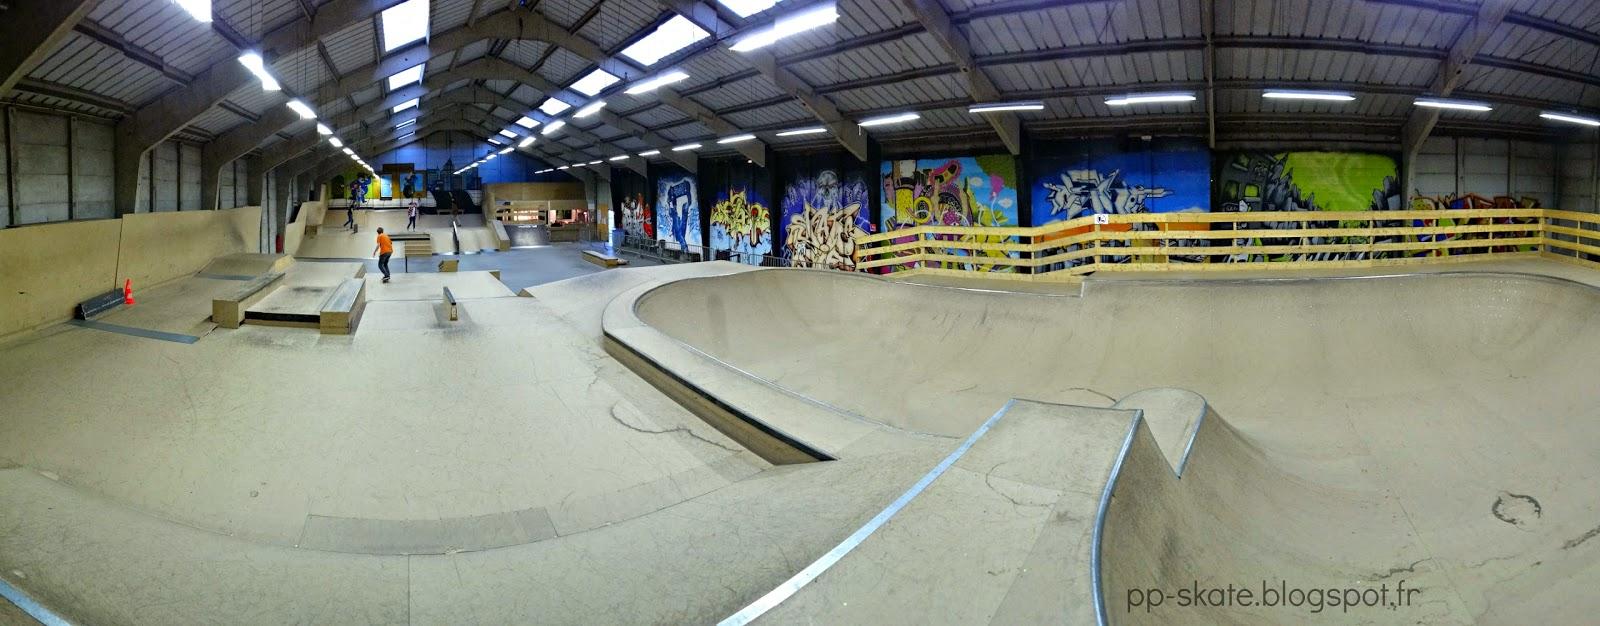 Skatepark Dunkerque panoramique